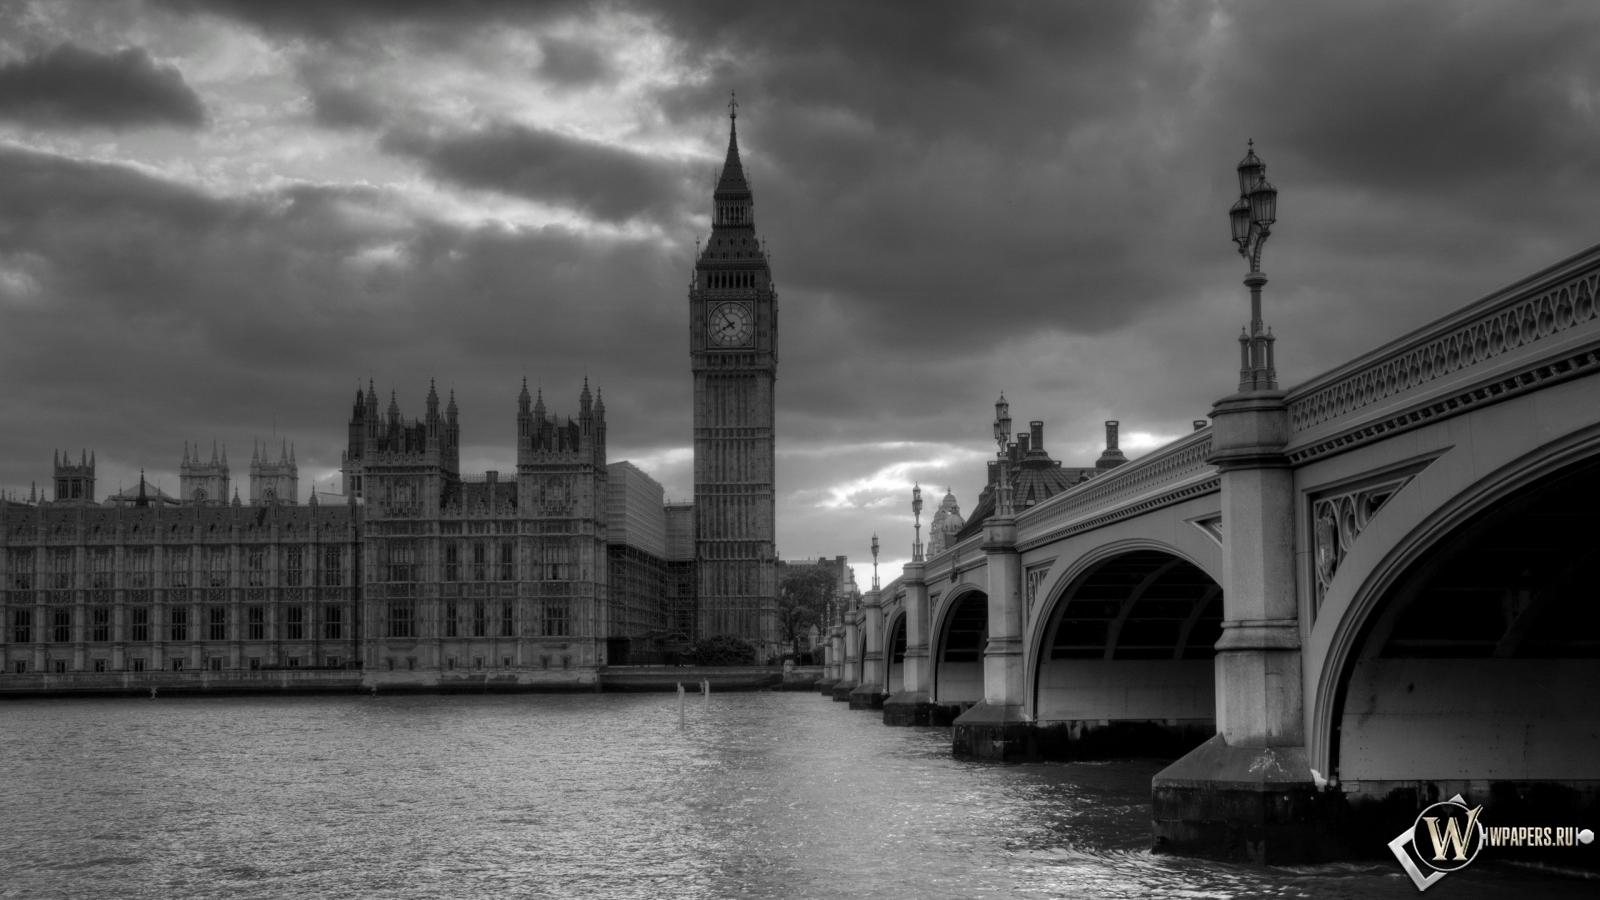 Лондон 1600x900